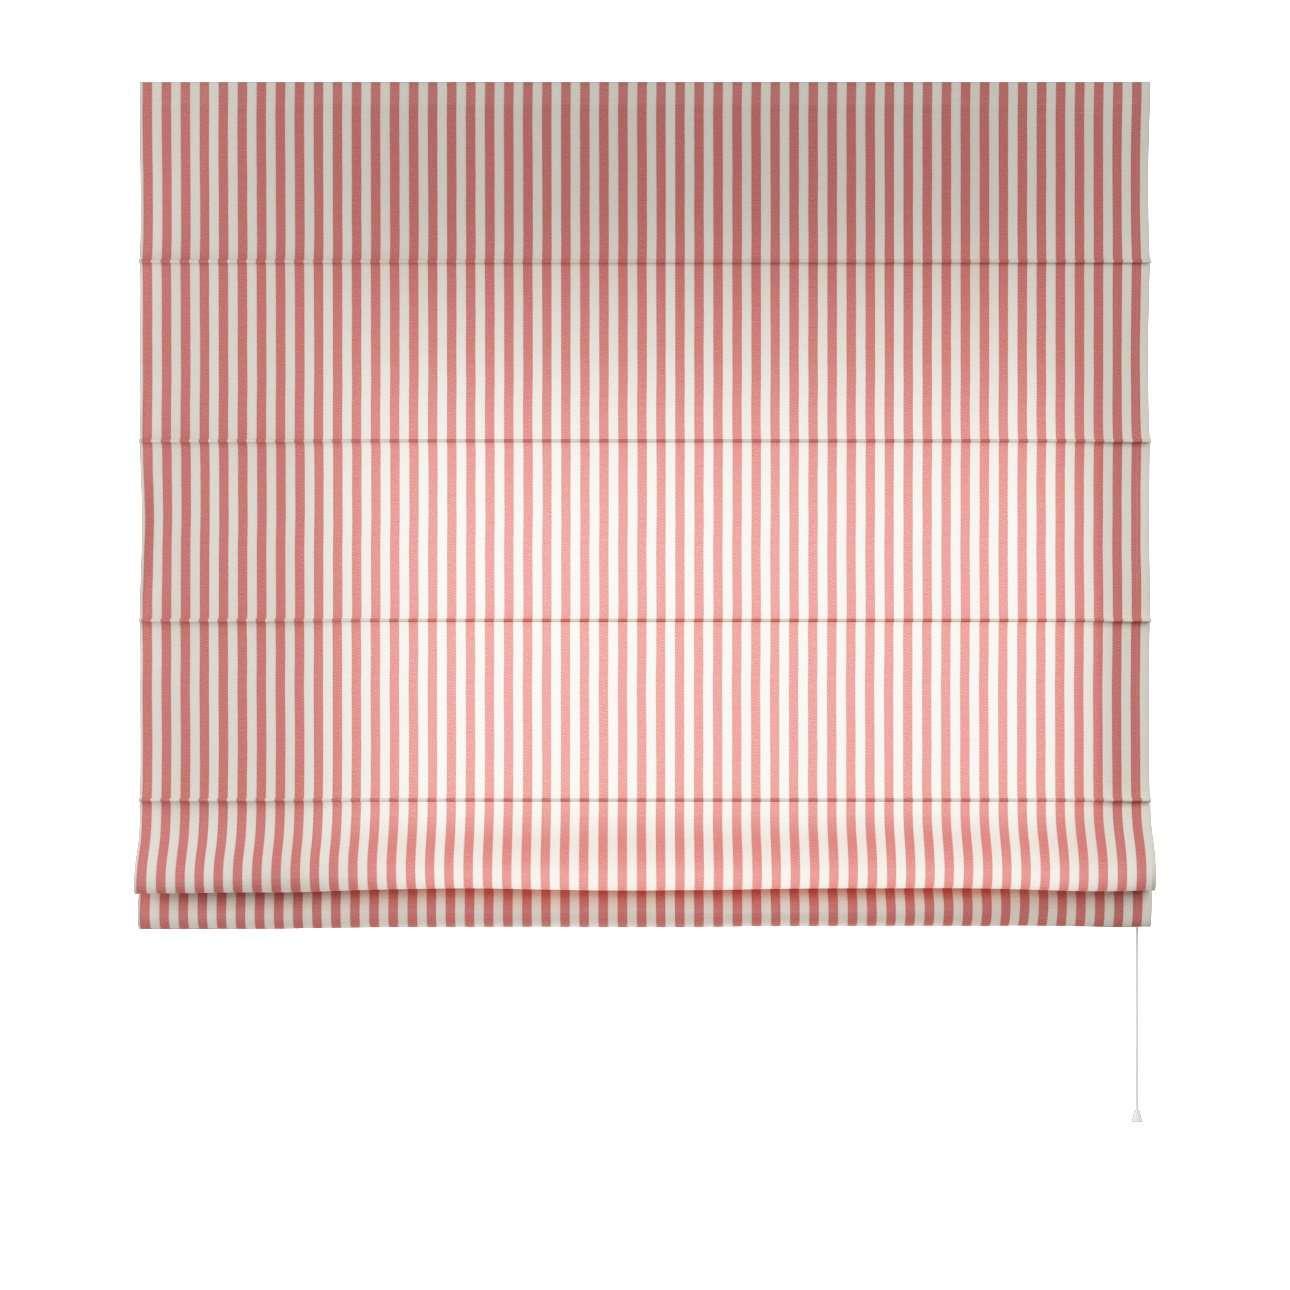 Romanetės Capri 80 x 170 cm (plotis x ilgis) kolekcijoje Quadro, audinys: 136-17